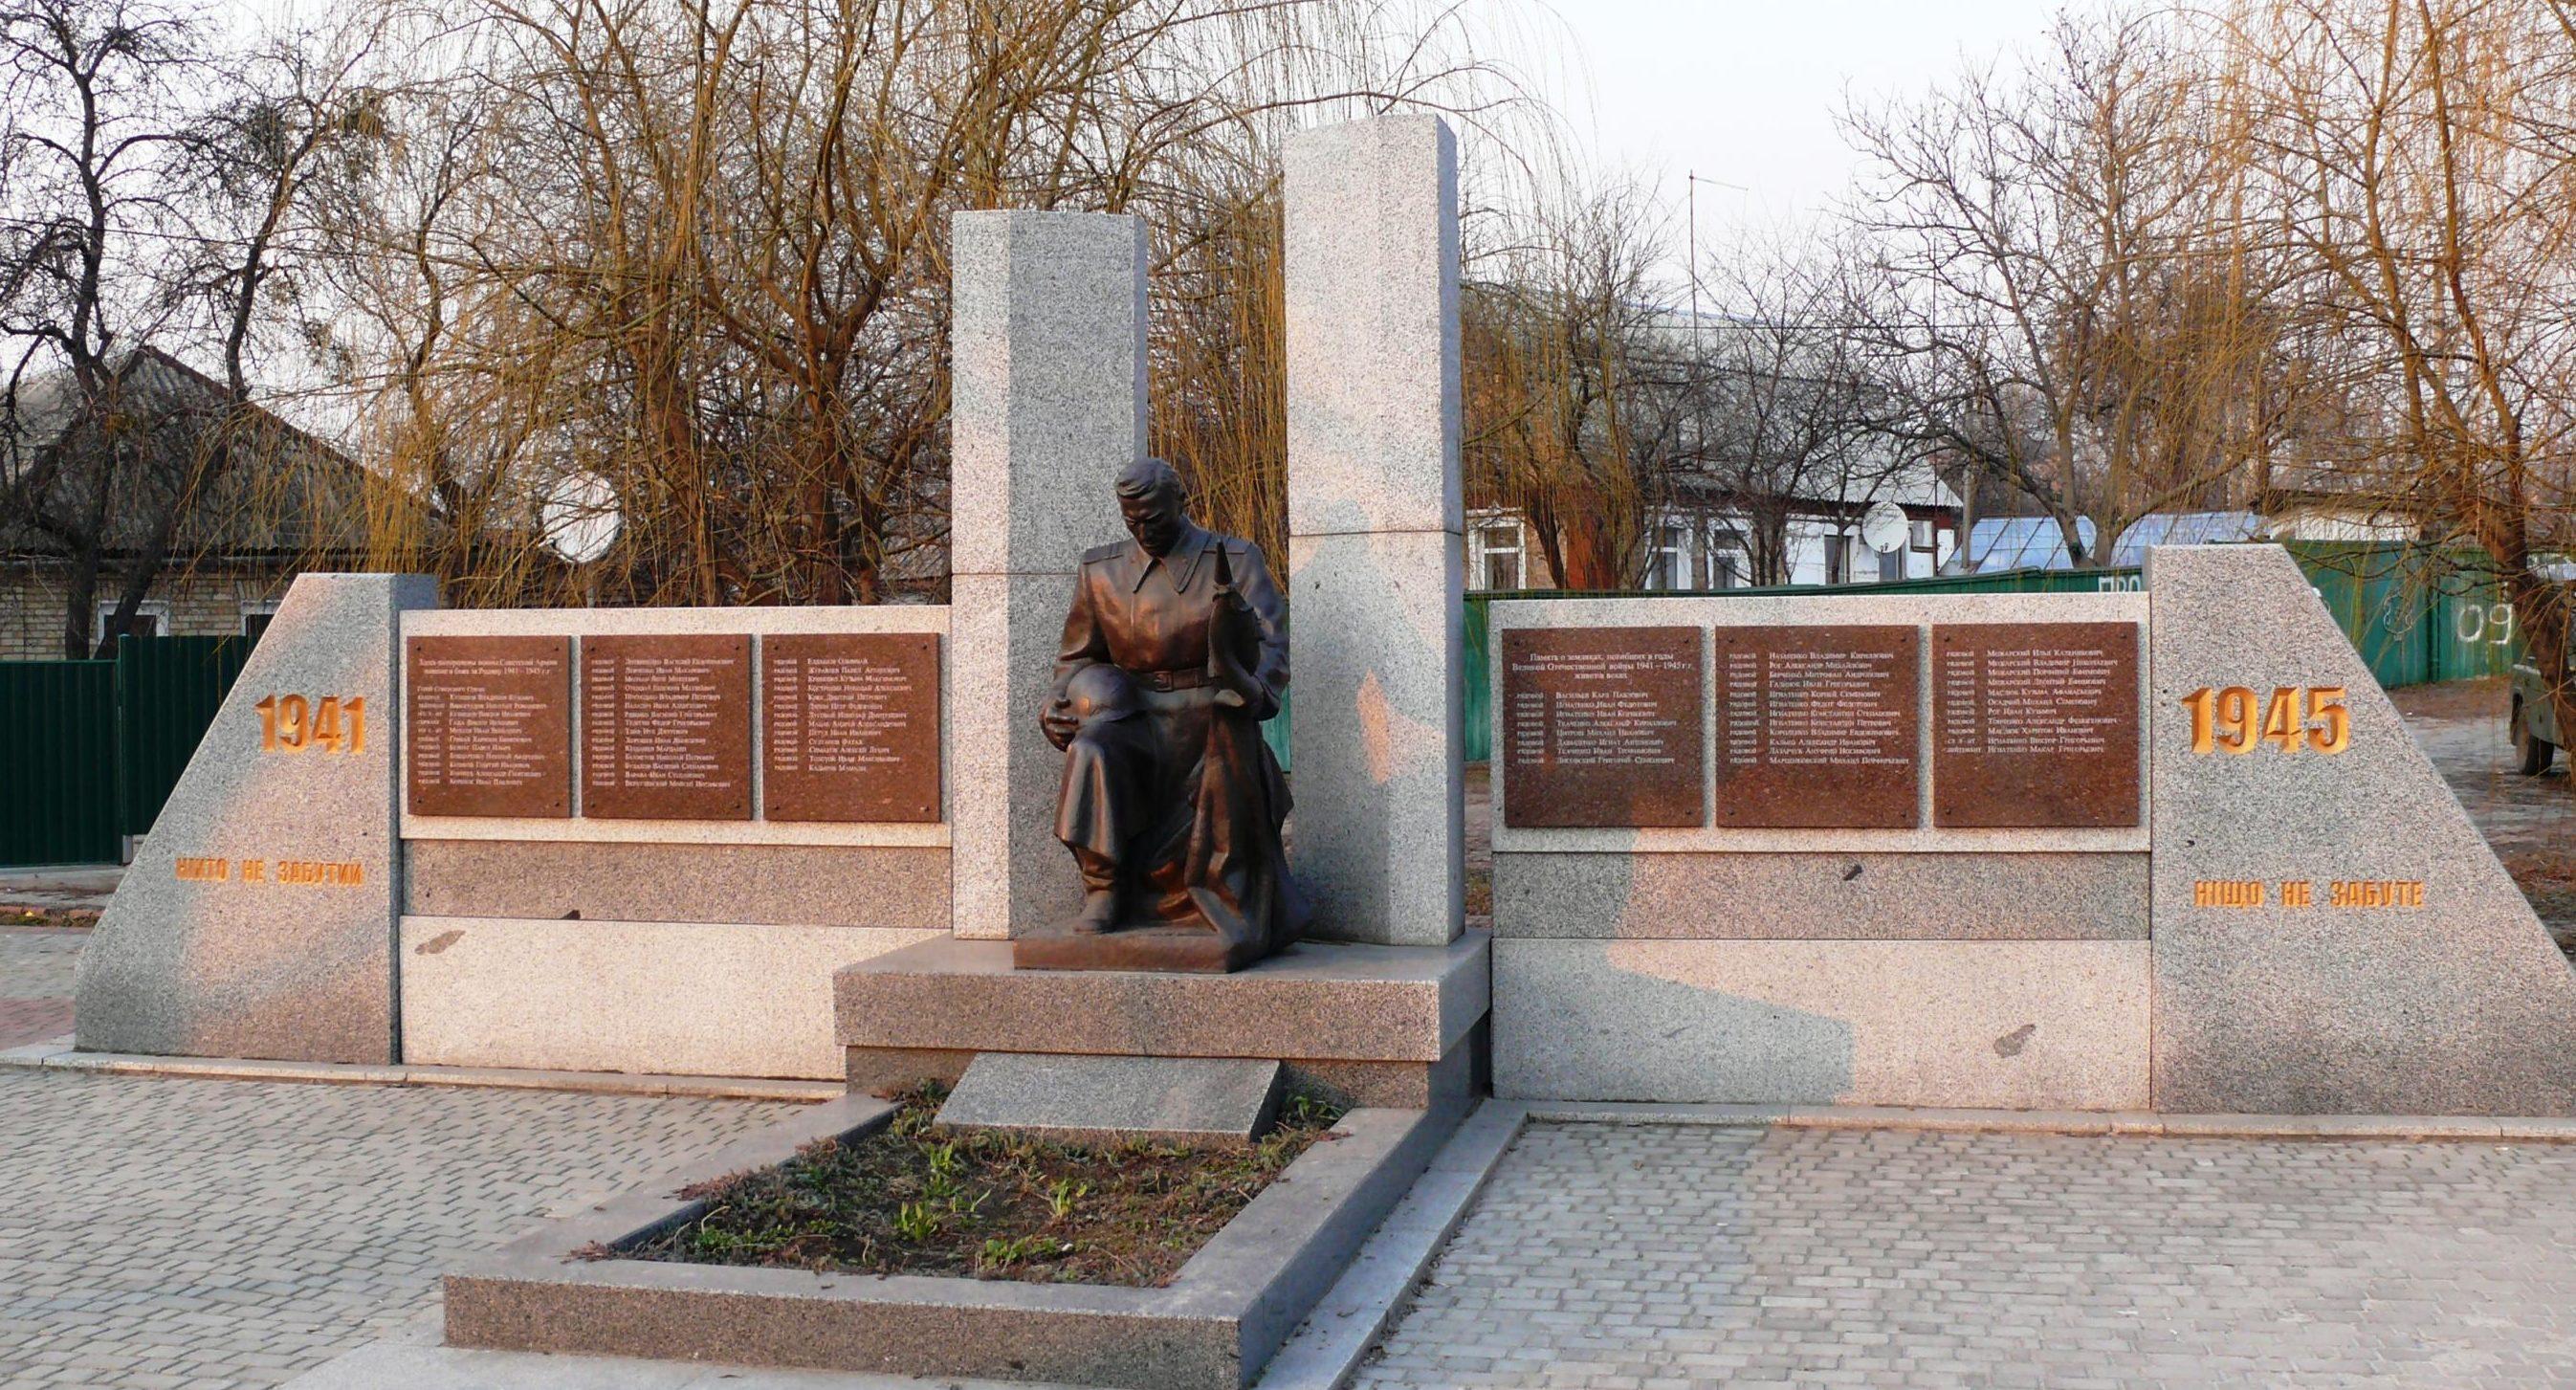 с. Мостыще Макаровского р-на. Памятник, установленный на братской могиле воинов, погибших в годы войны.